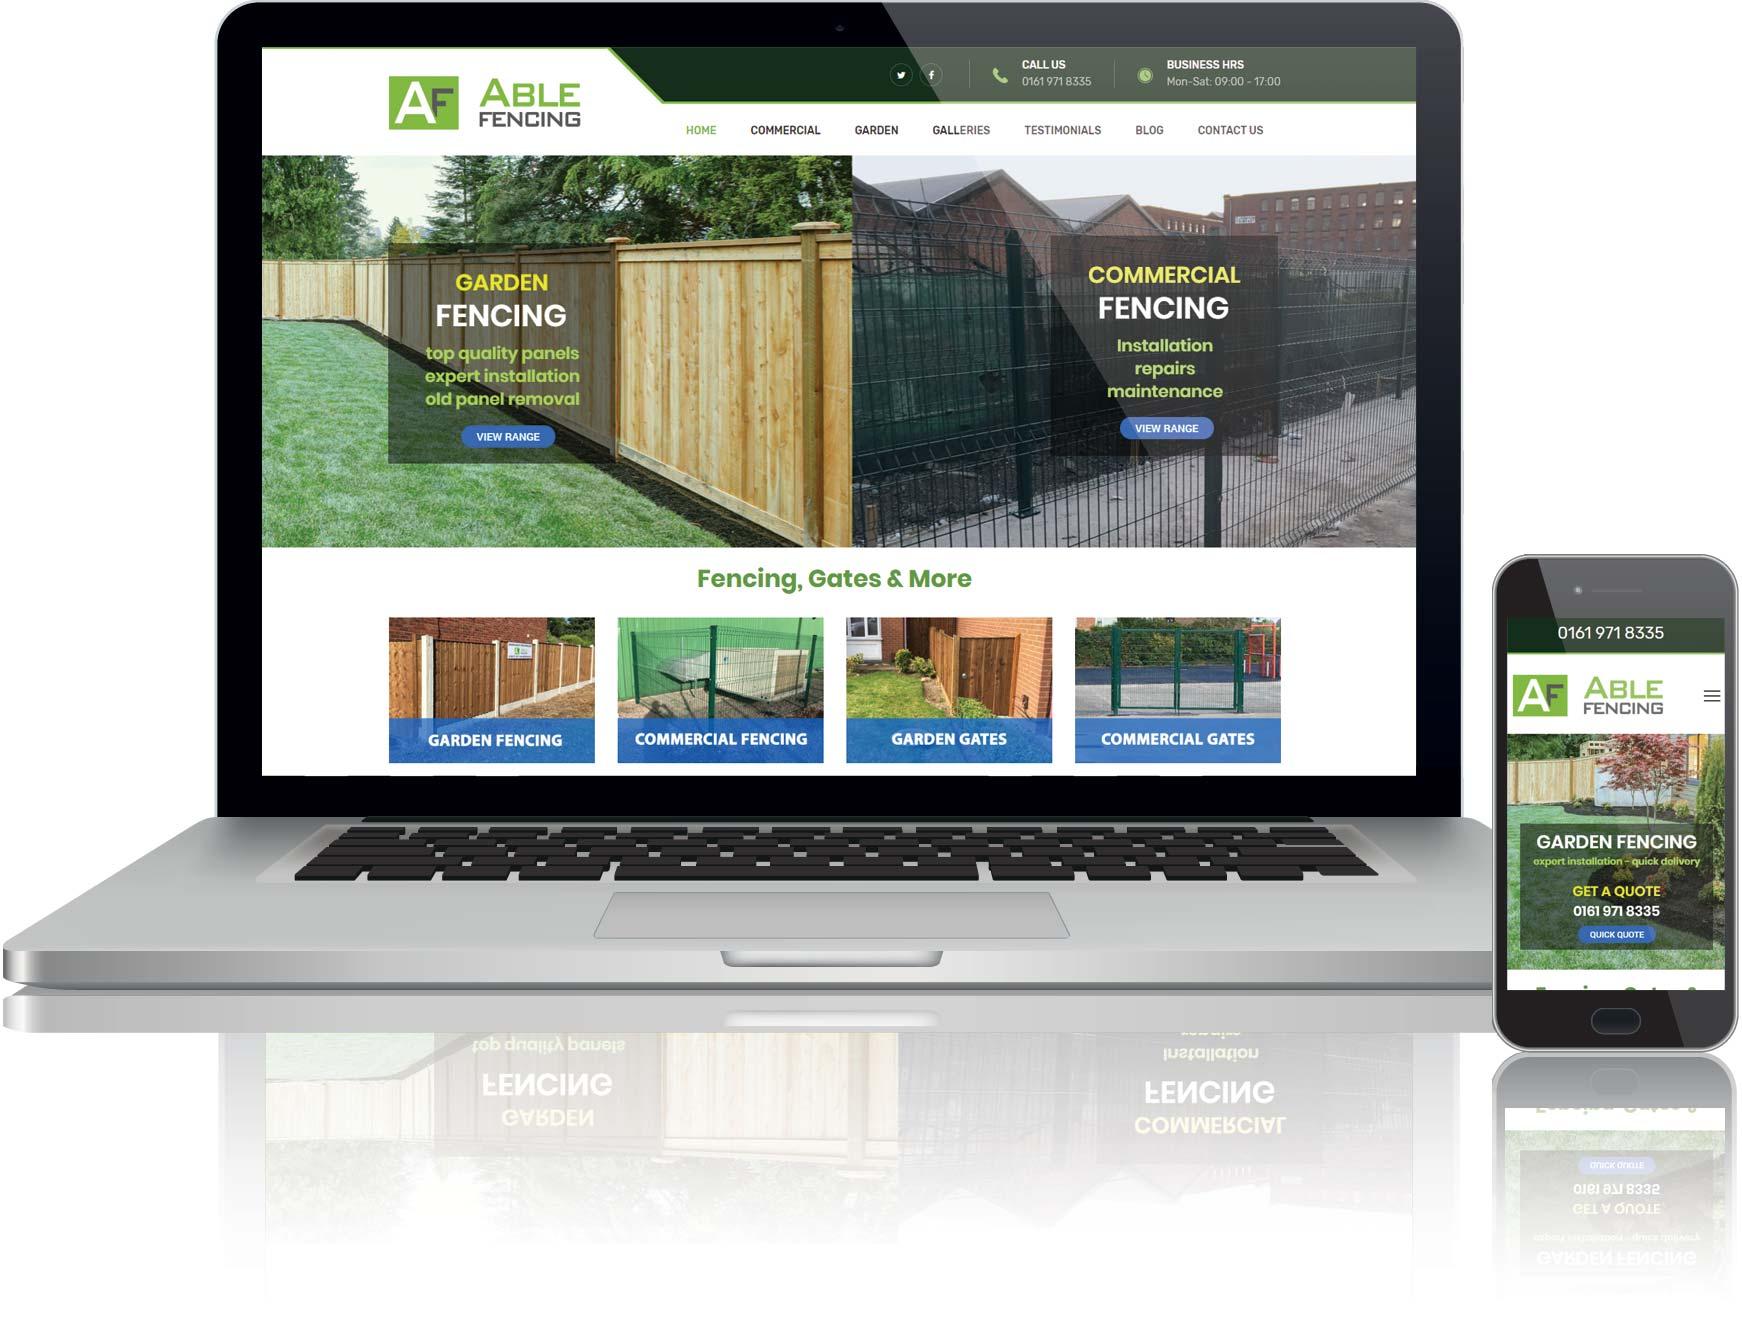 website design for able fencing ltd